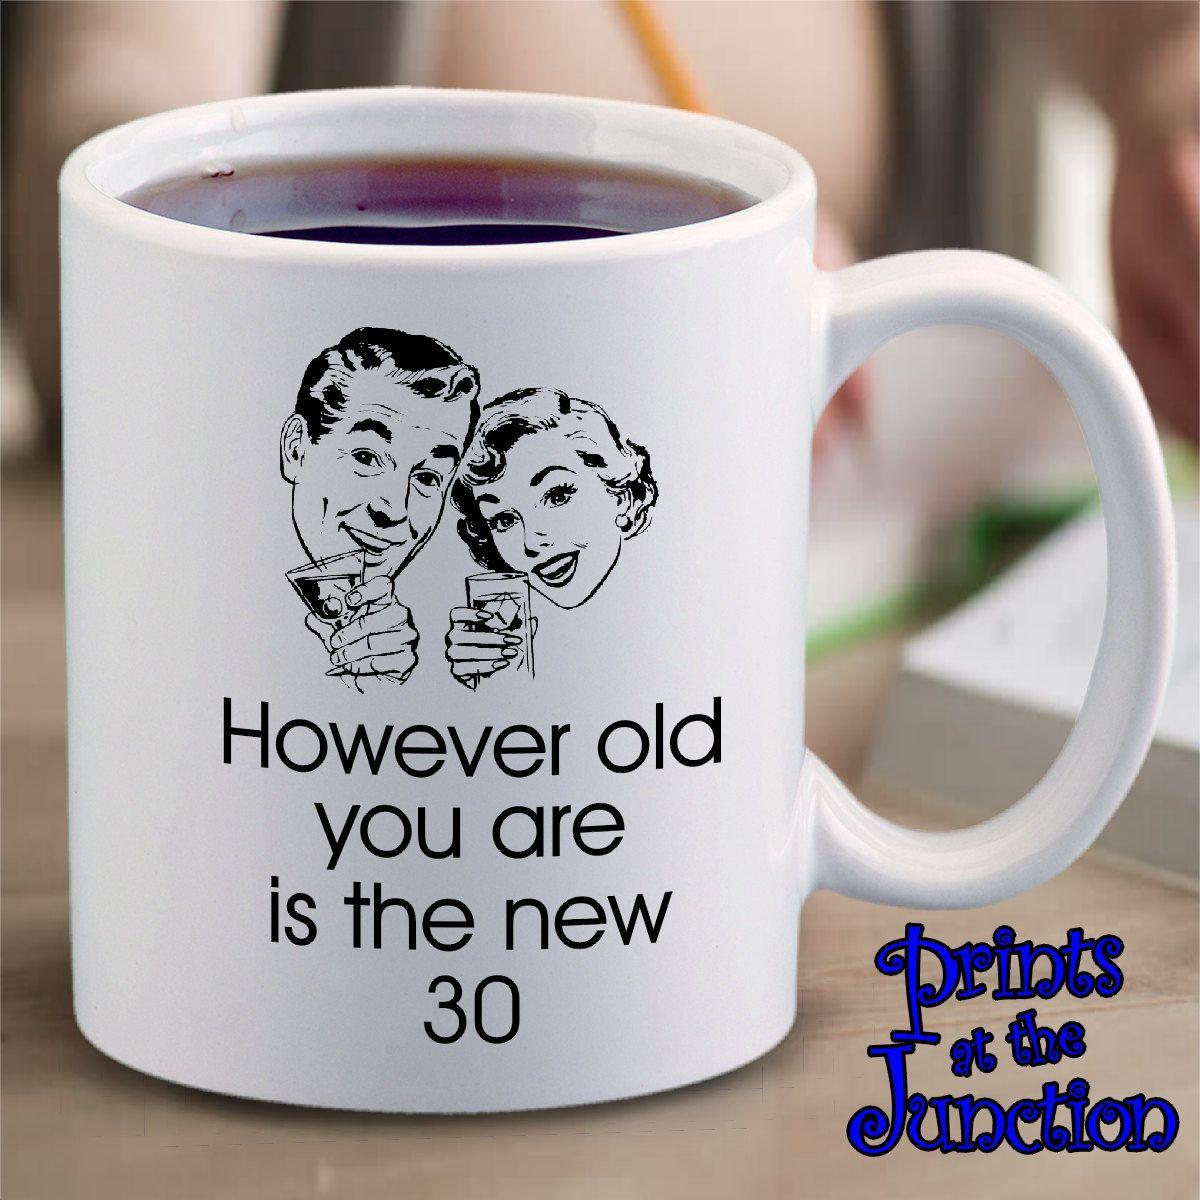 Funny Retro Birthday Mug Gift/Retro Meme Coffee Mug